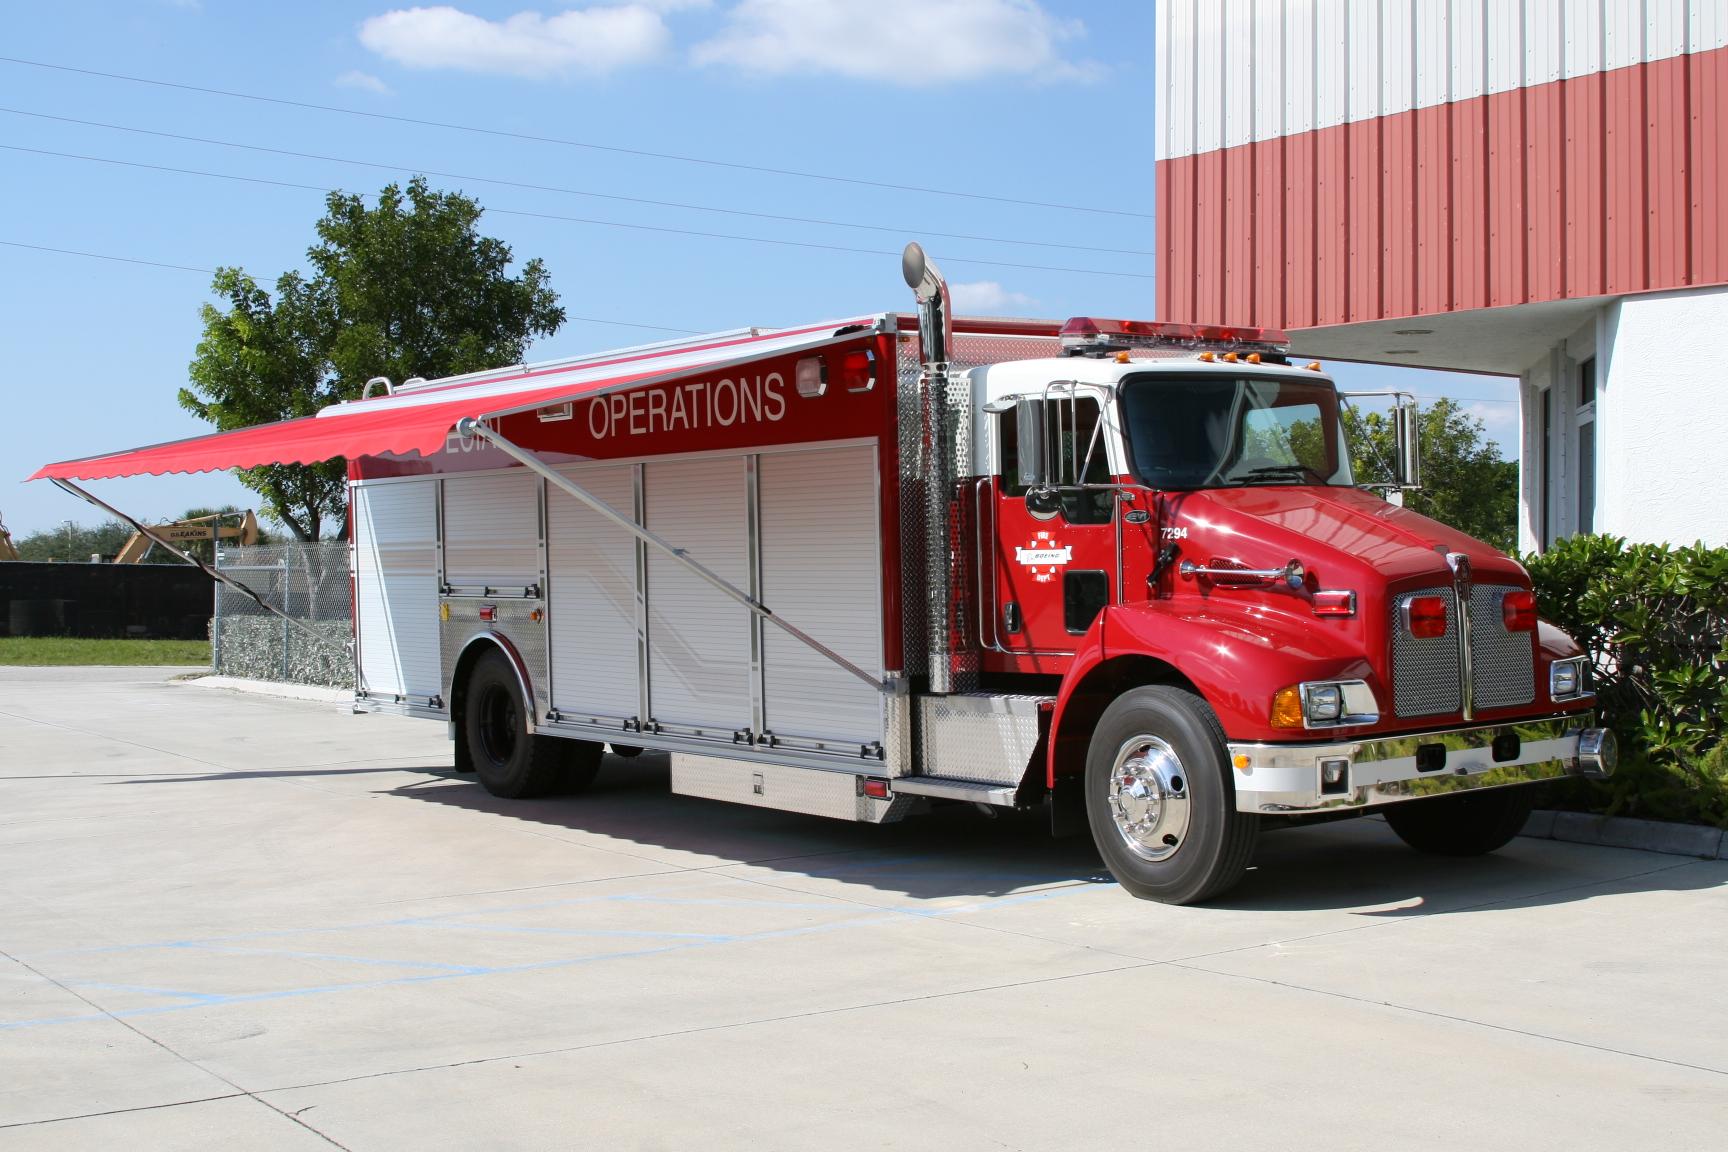 24-Ft. Rescue / Hazardous Response